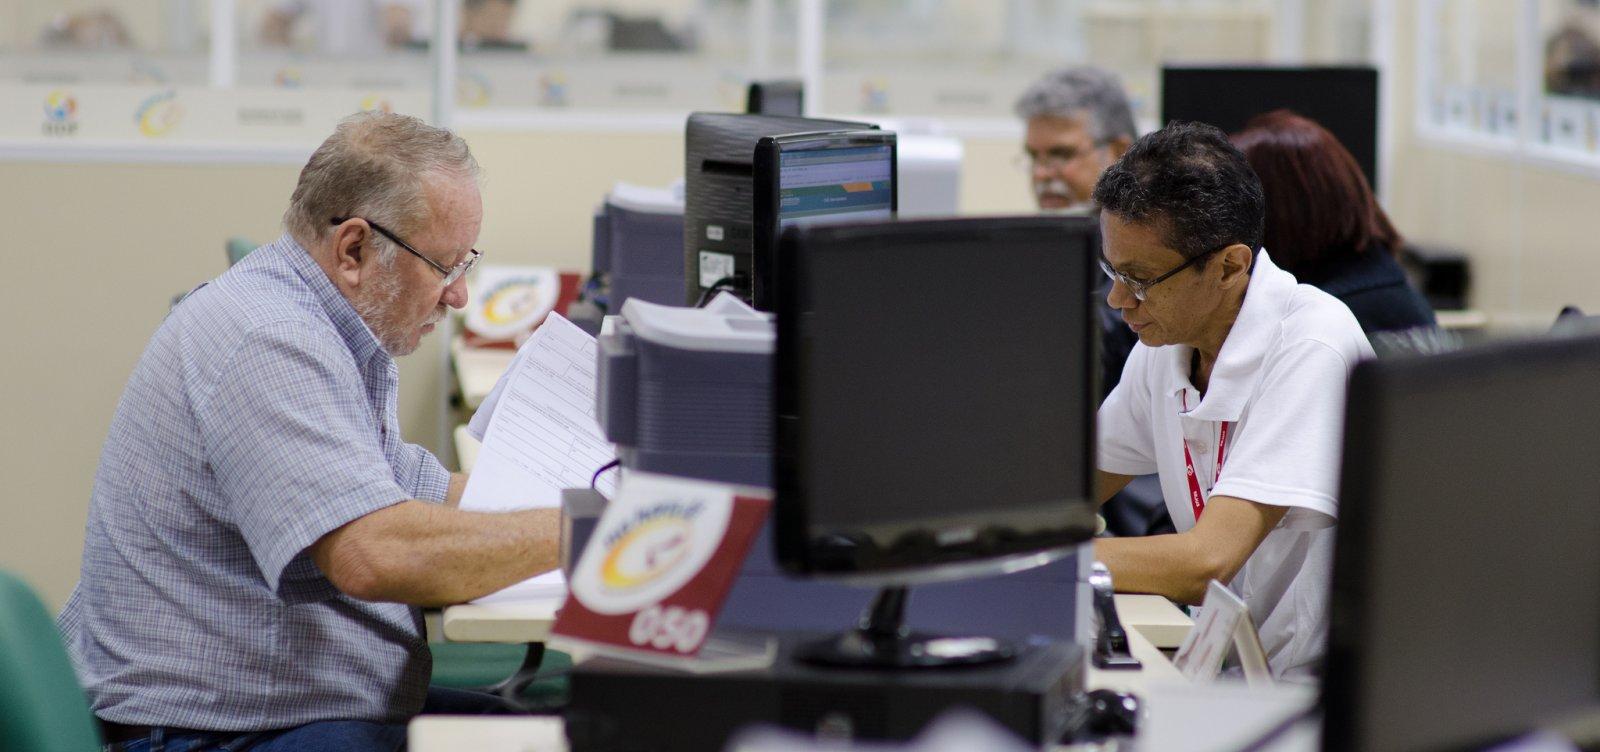 Datafolha: 51% são contra reforma da Previdência